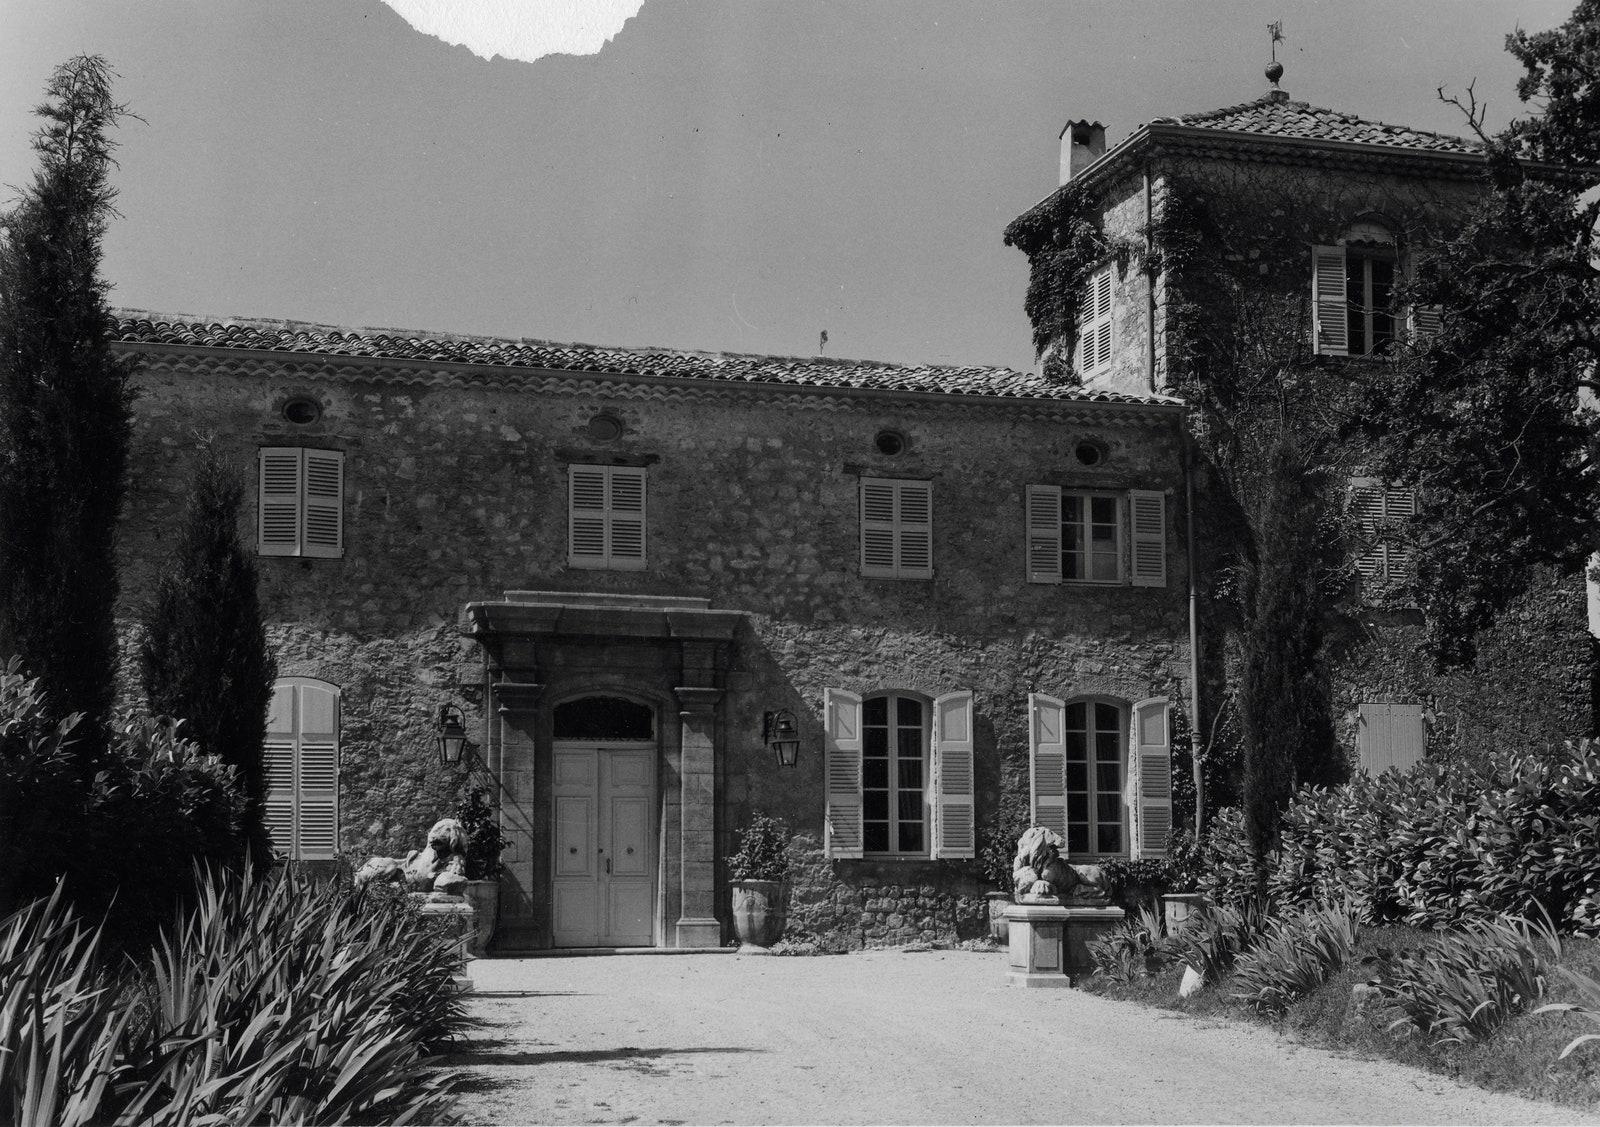 Chteau de La Colle Noire